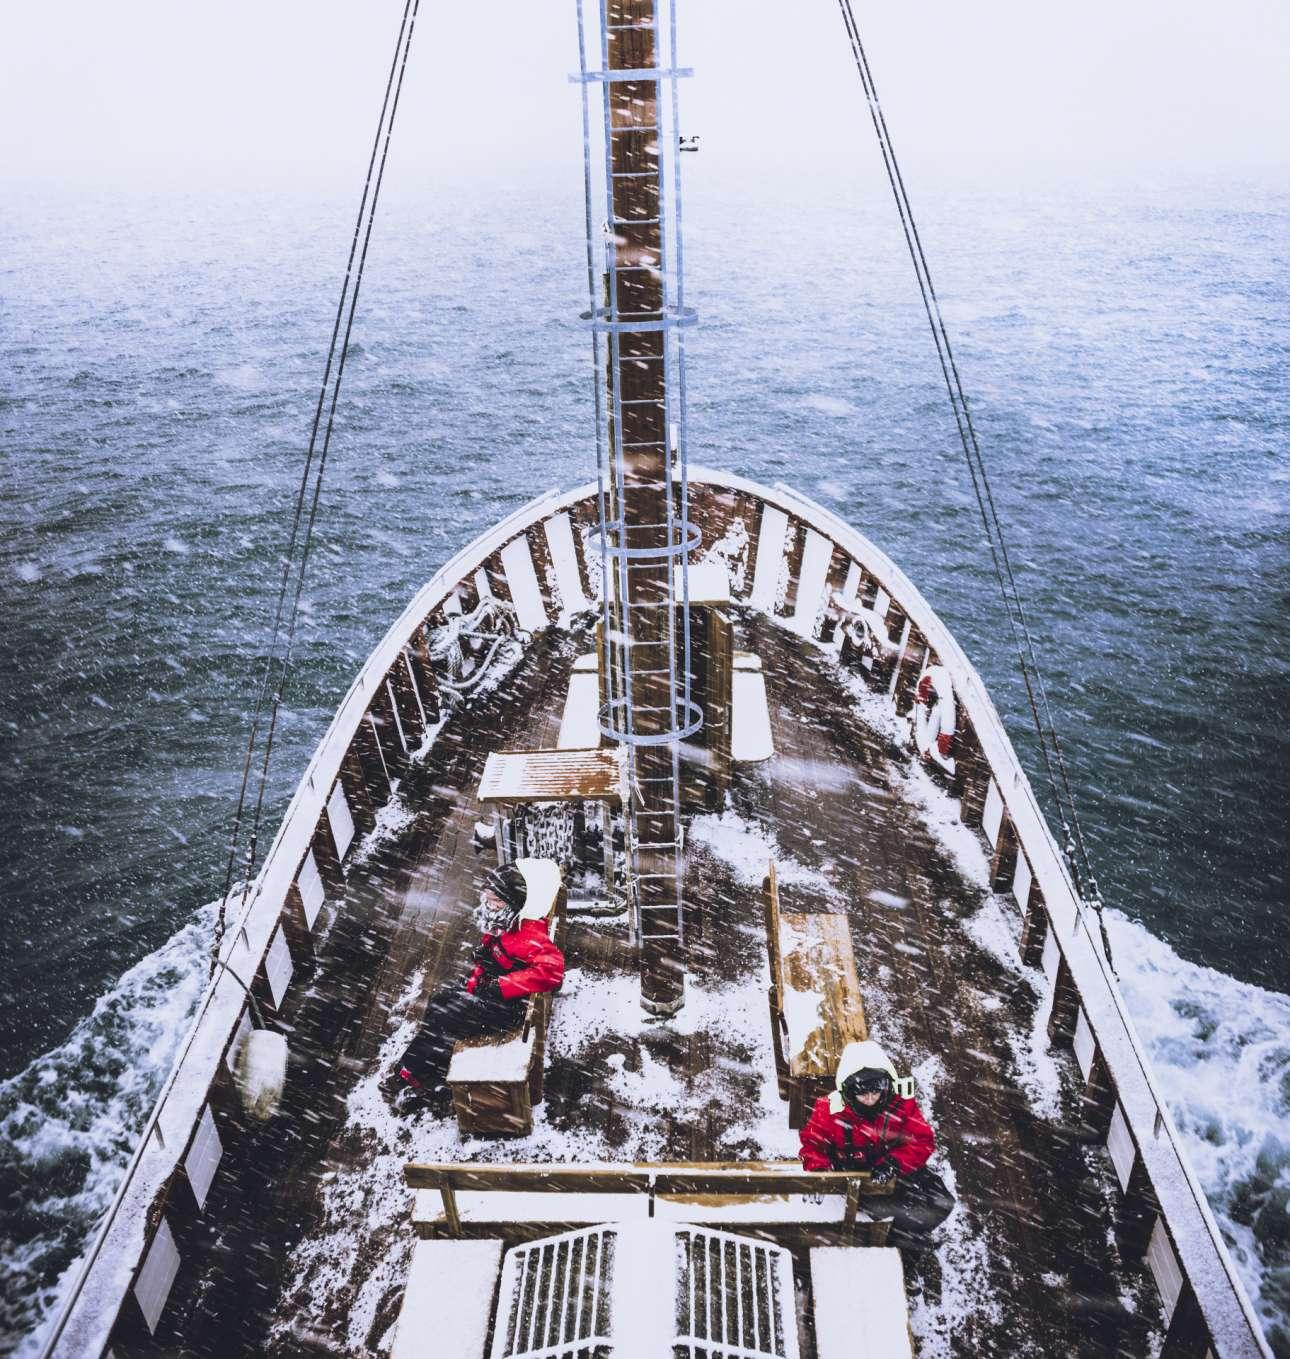 Παρακολουθώντας μεγάπτερες φάλαινες στην Ισλανδία για επιστημονική έρευνα, πάνω στο παραδοσιακό, ξύλινο πλοίο Náttfari. Μία μοναδική εμπειρία, σύμφωνα με τον ιταλό φωτογράφο και μέλος της αποστολής